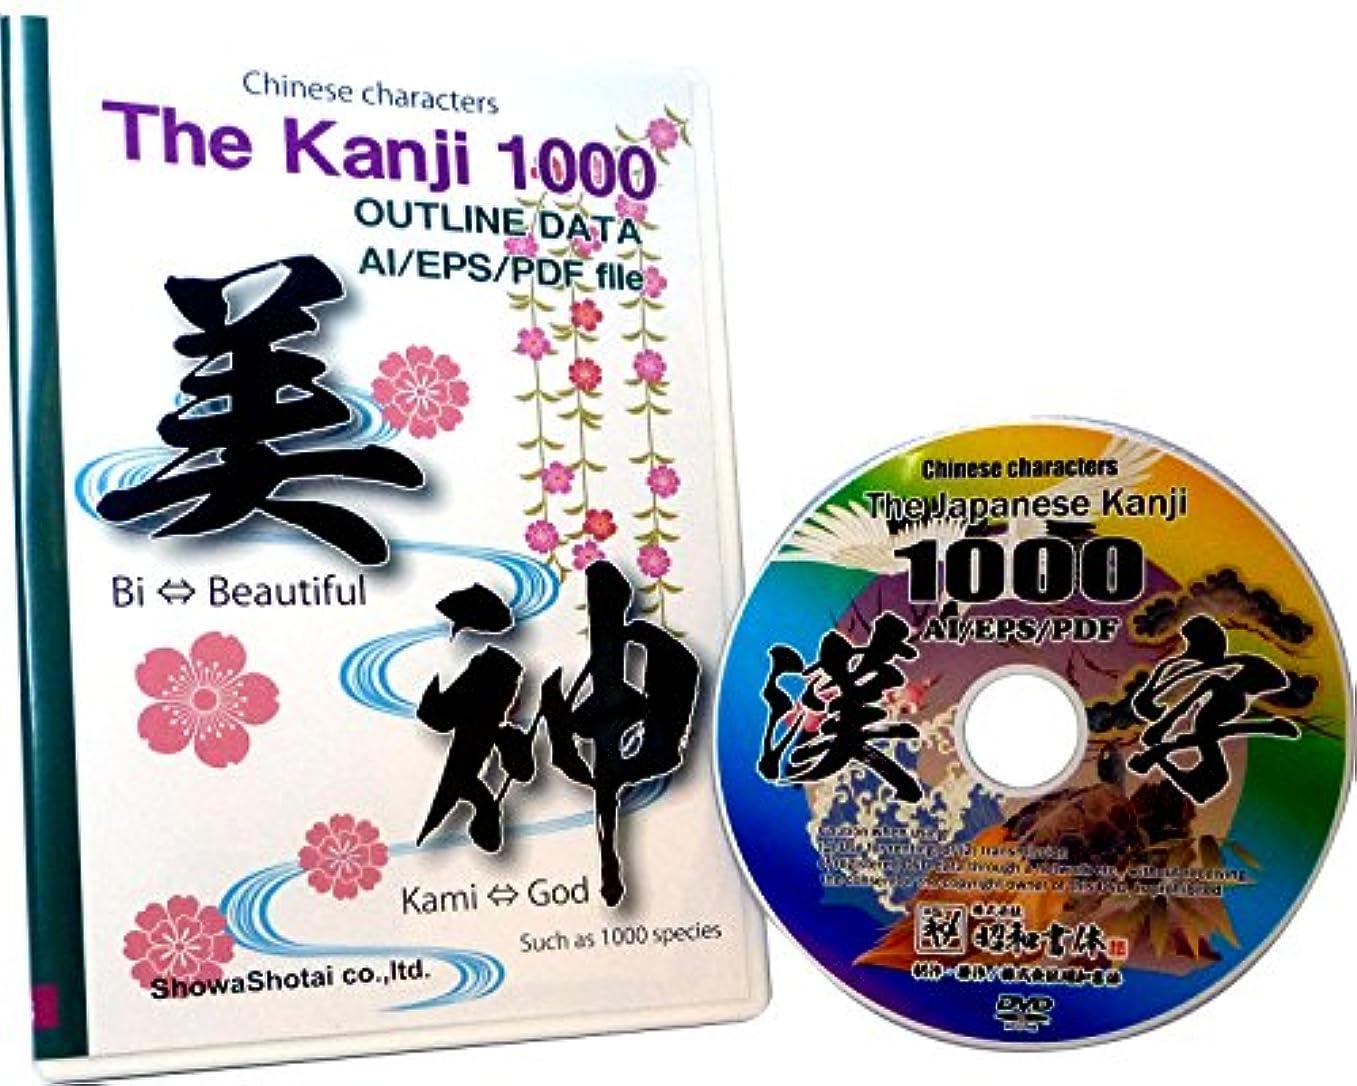 The Kanji 1000